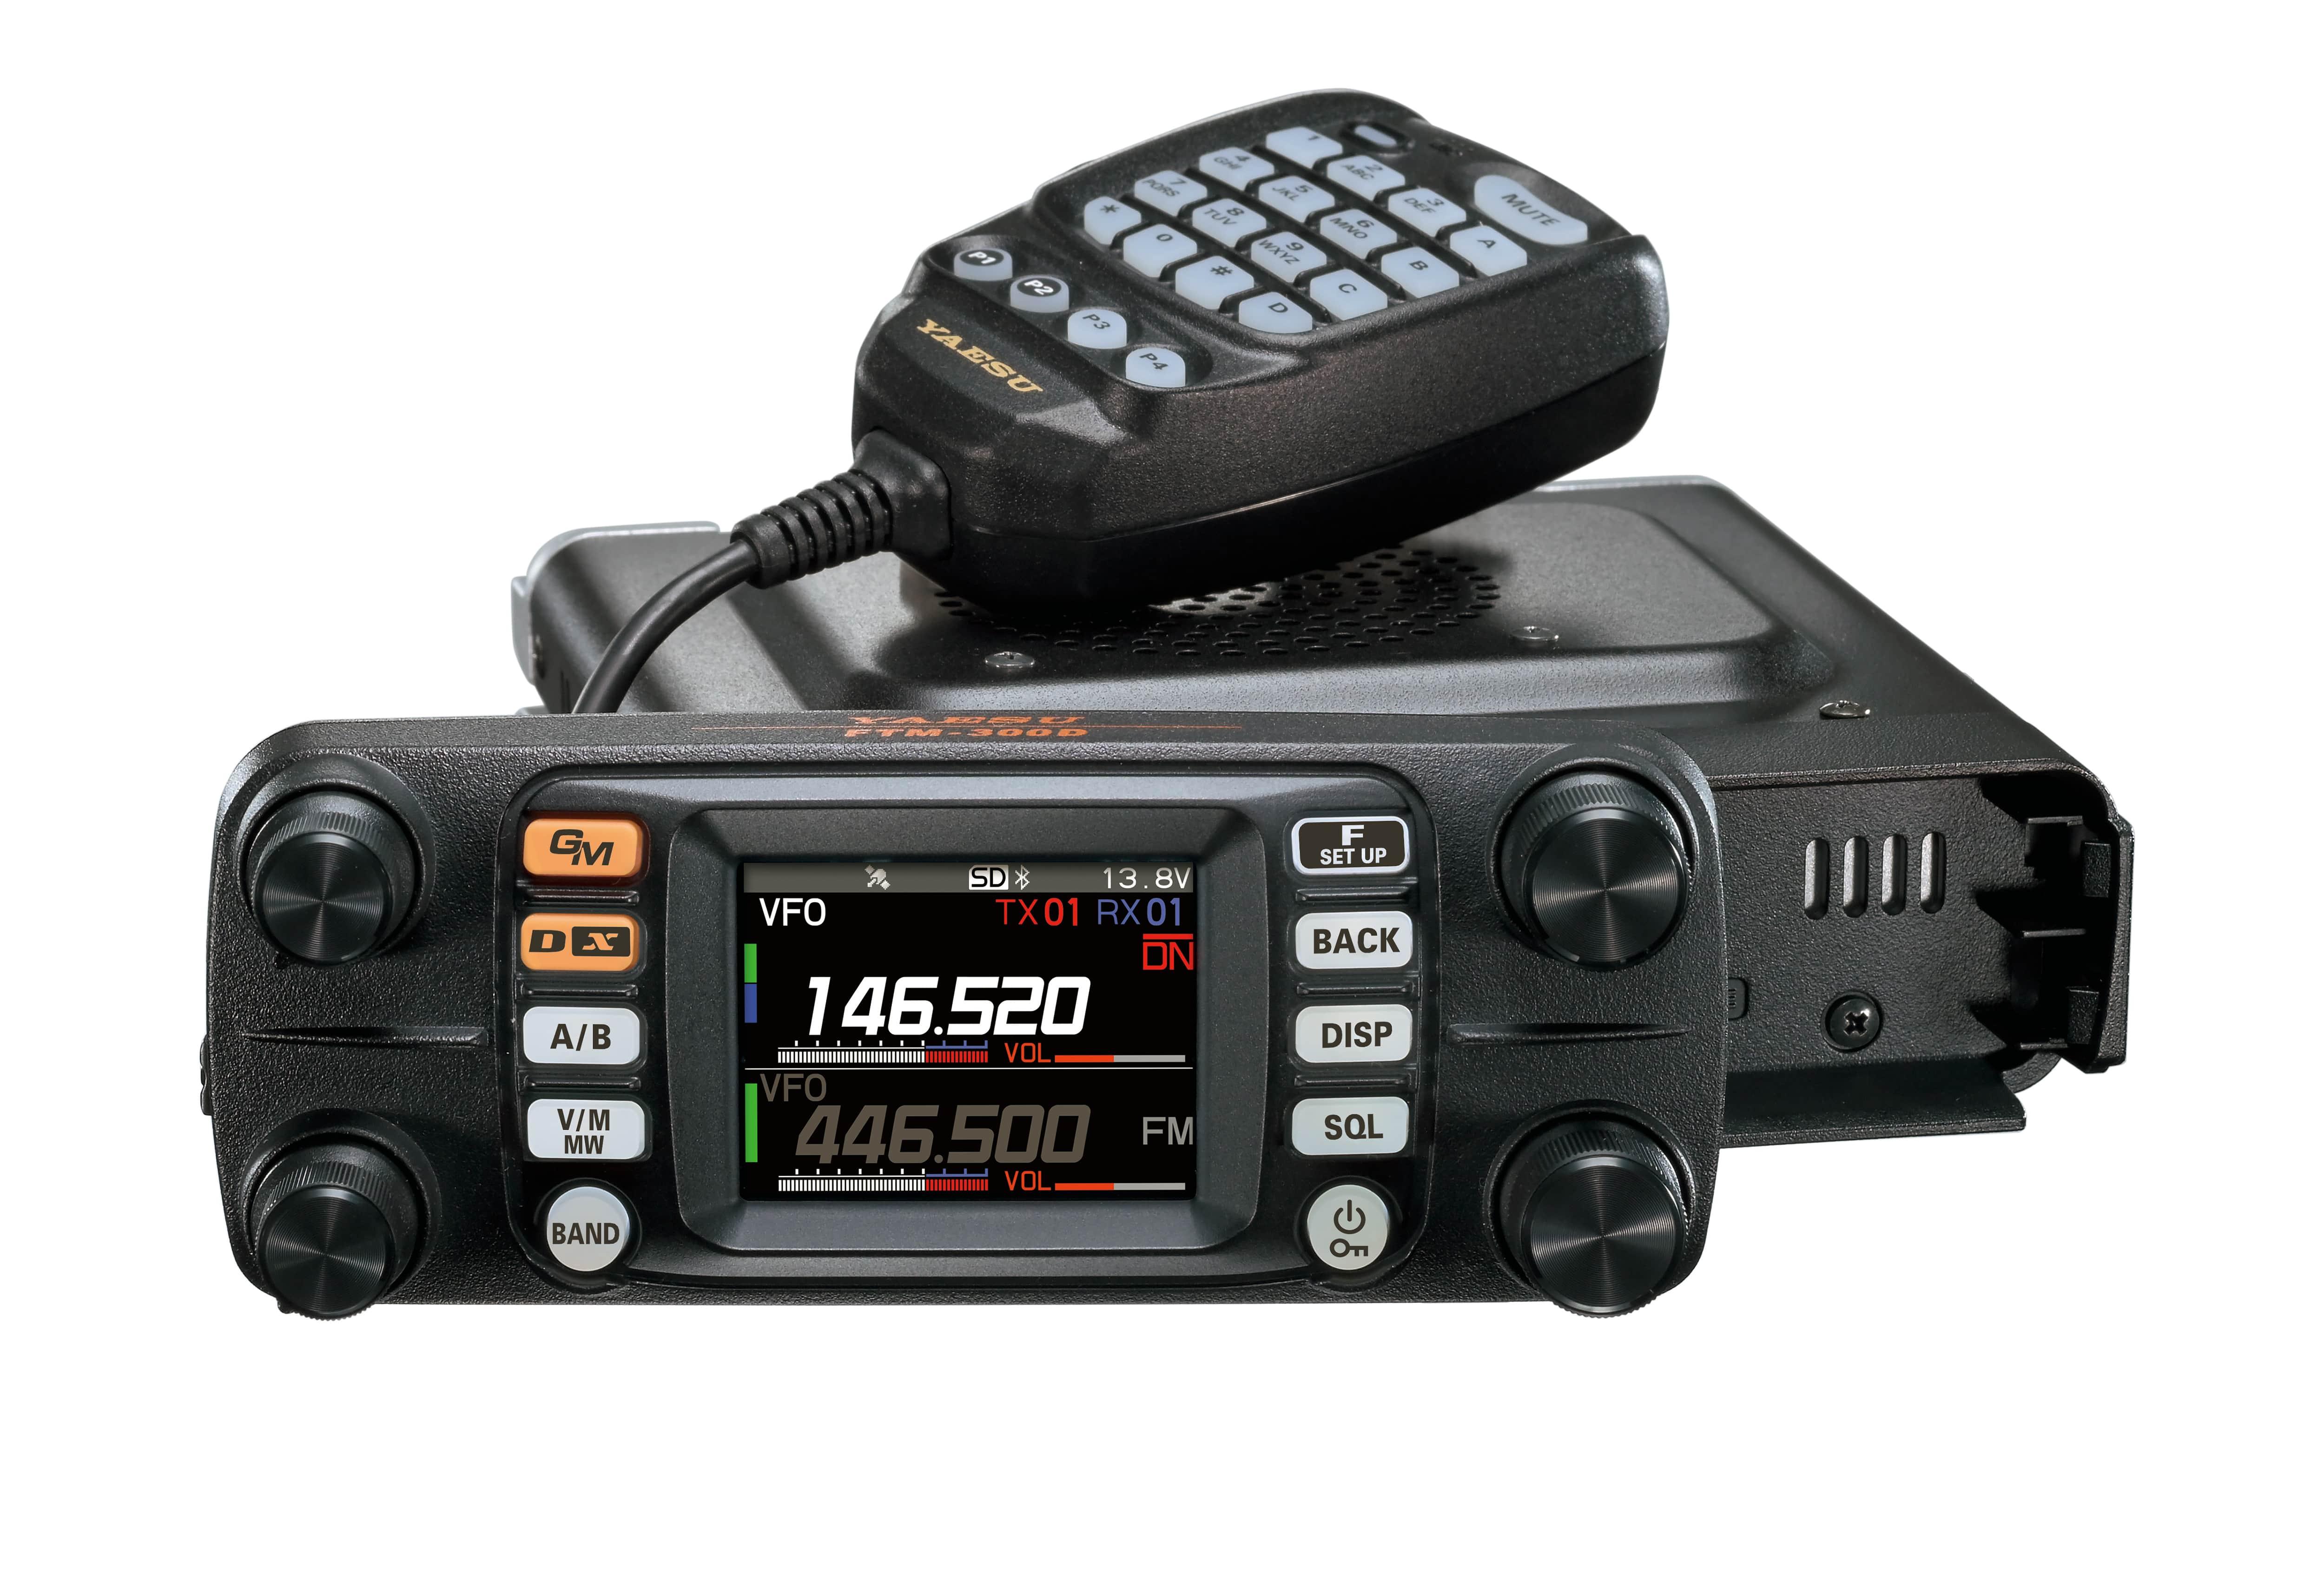 Двухдиапазонный цифровой мобильный трансивер Yaesu FTM-300DR